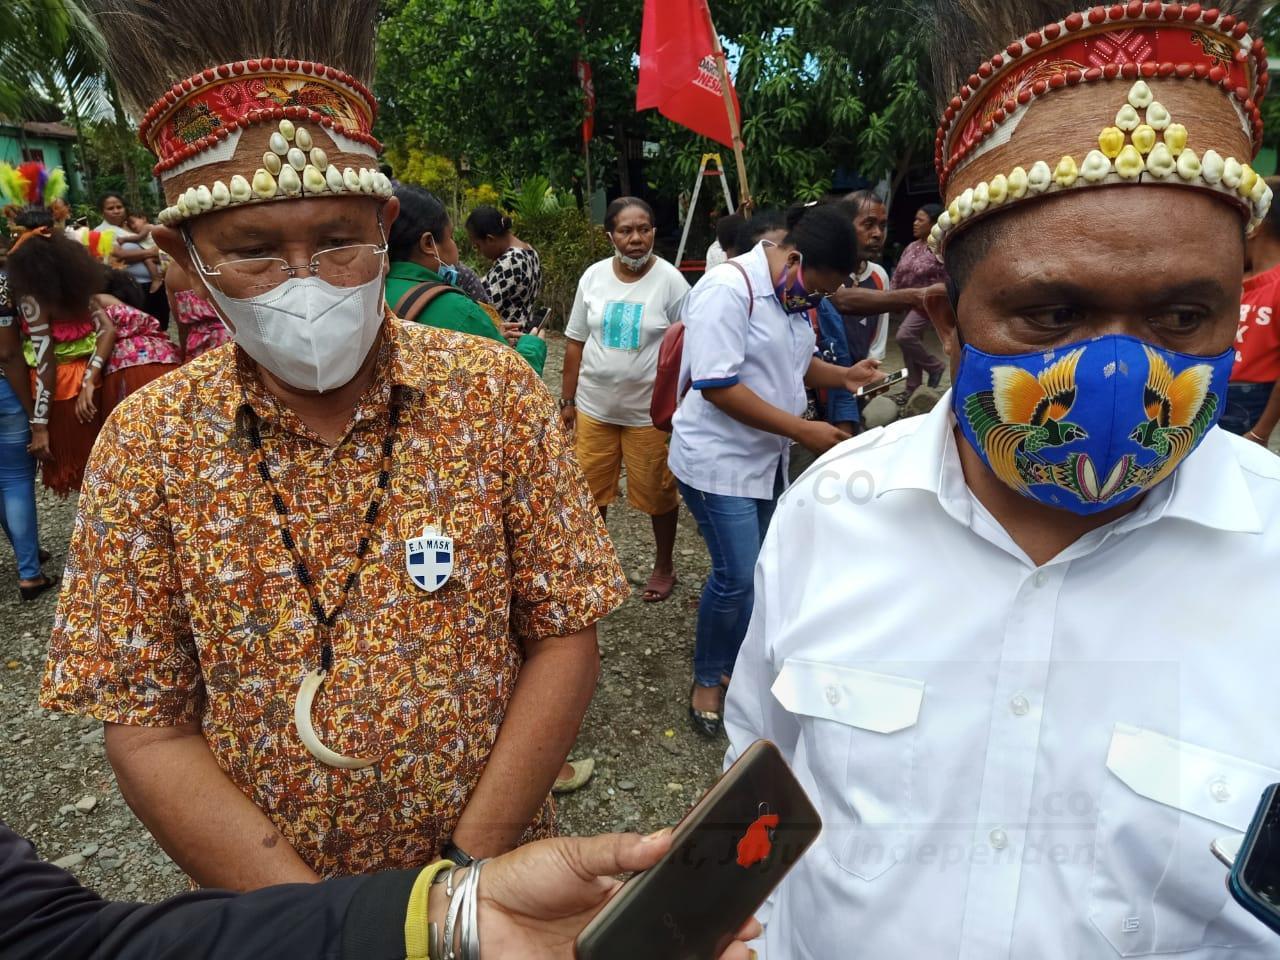 Hermus Indou: Relawan HEBO Tumbuh Mandiri, Mereka Hadir Tanpa Diperintah 26 IMG 20201103 WA0074 1